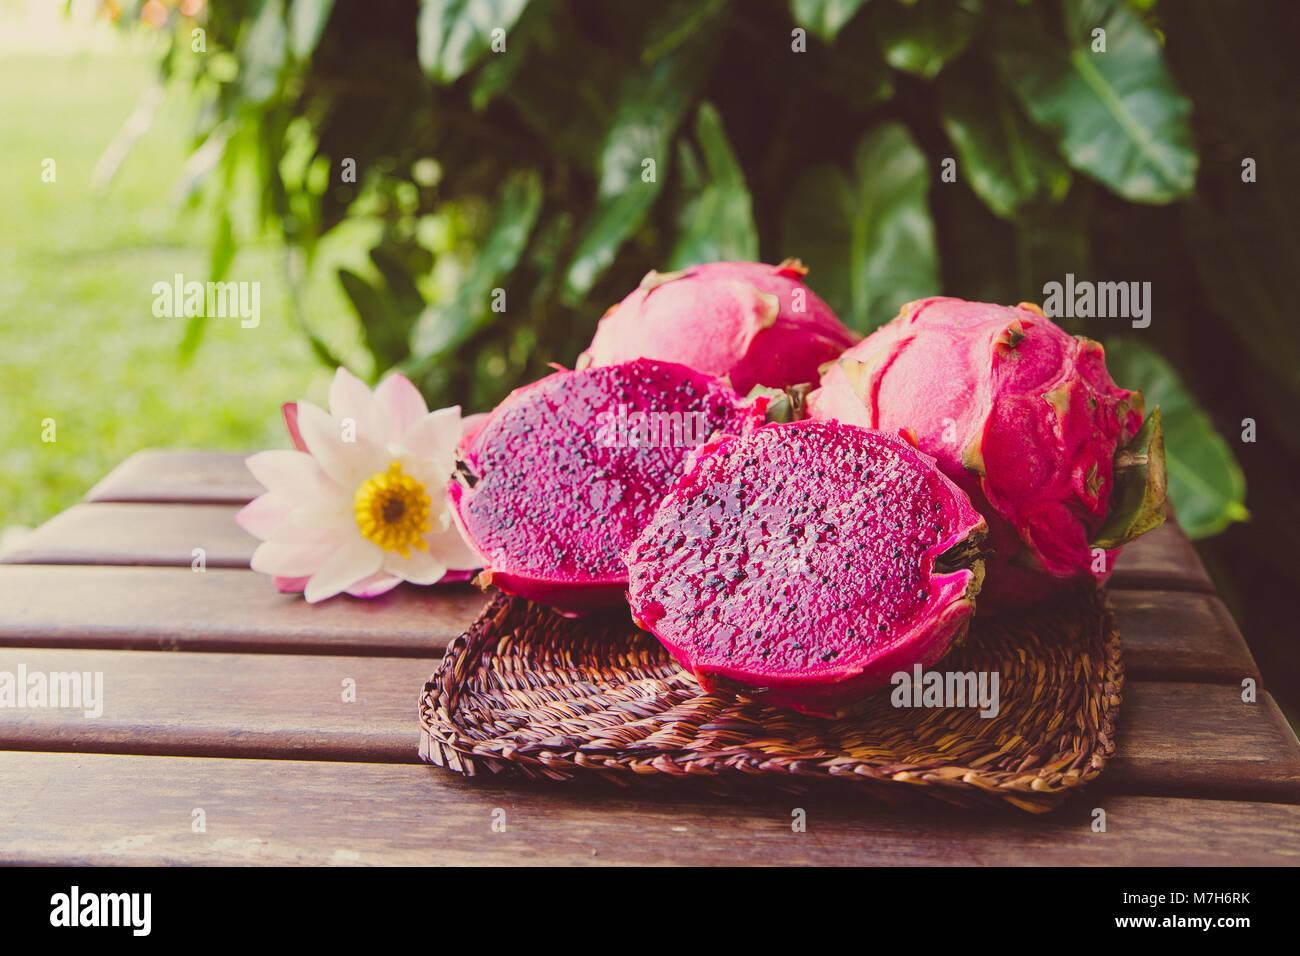 Brillante Dragon Rojo Tropical Jugosas Frutas Pitaya O Fruta Del